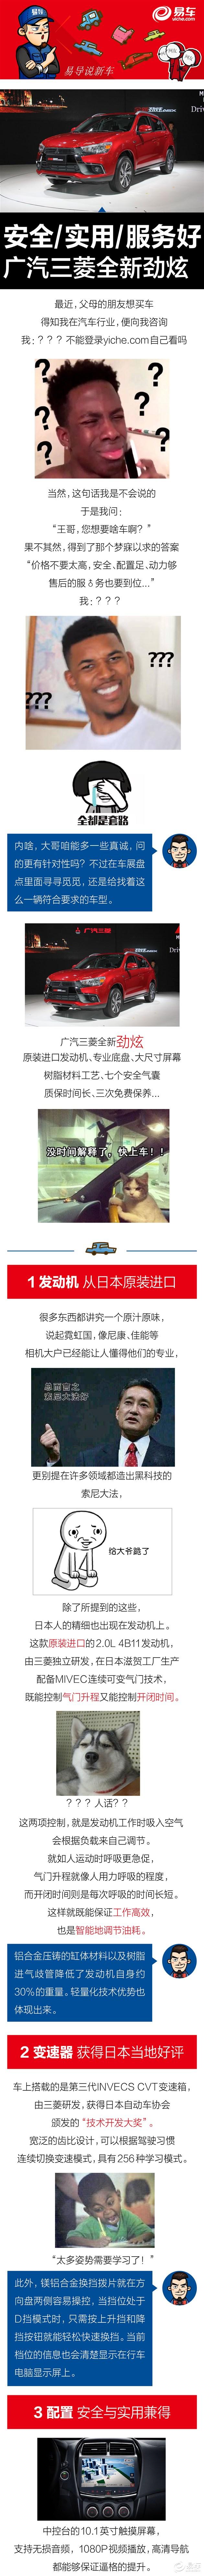 广汽三菱全新劲炫有三宝 安全实用服务好